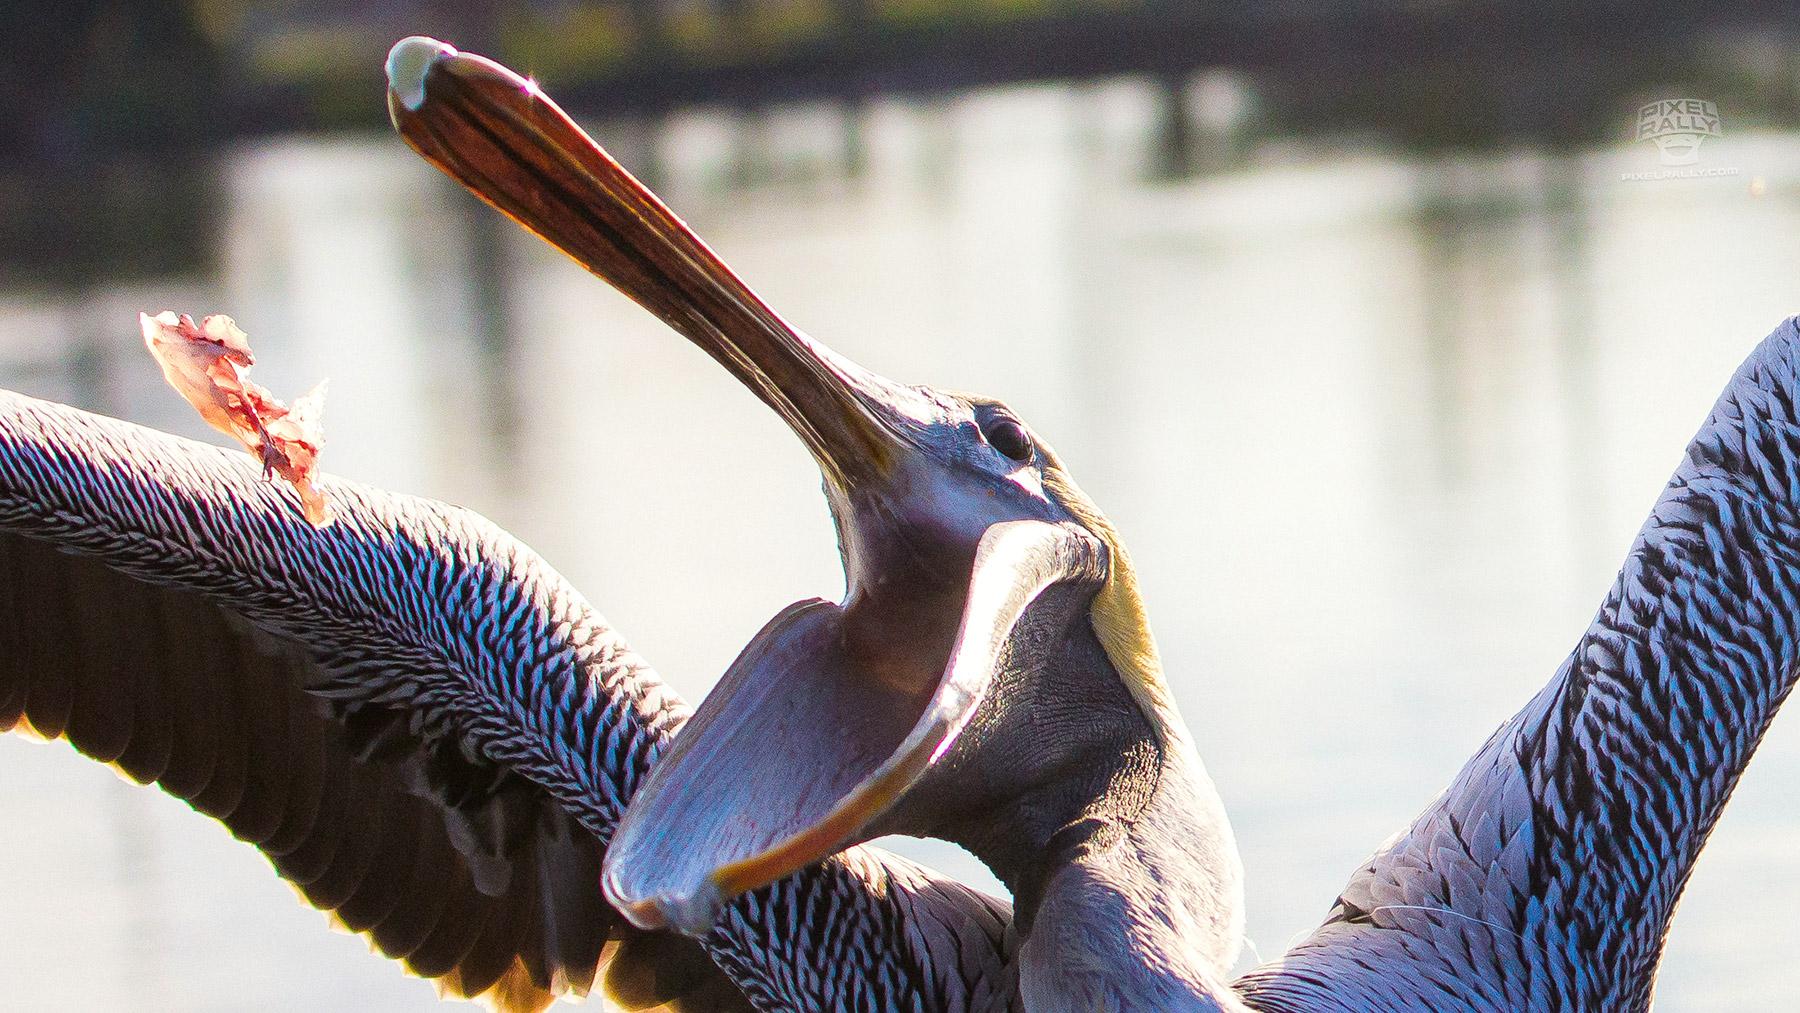 FL-pelican-fish-catch